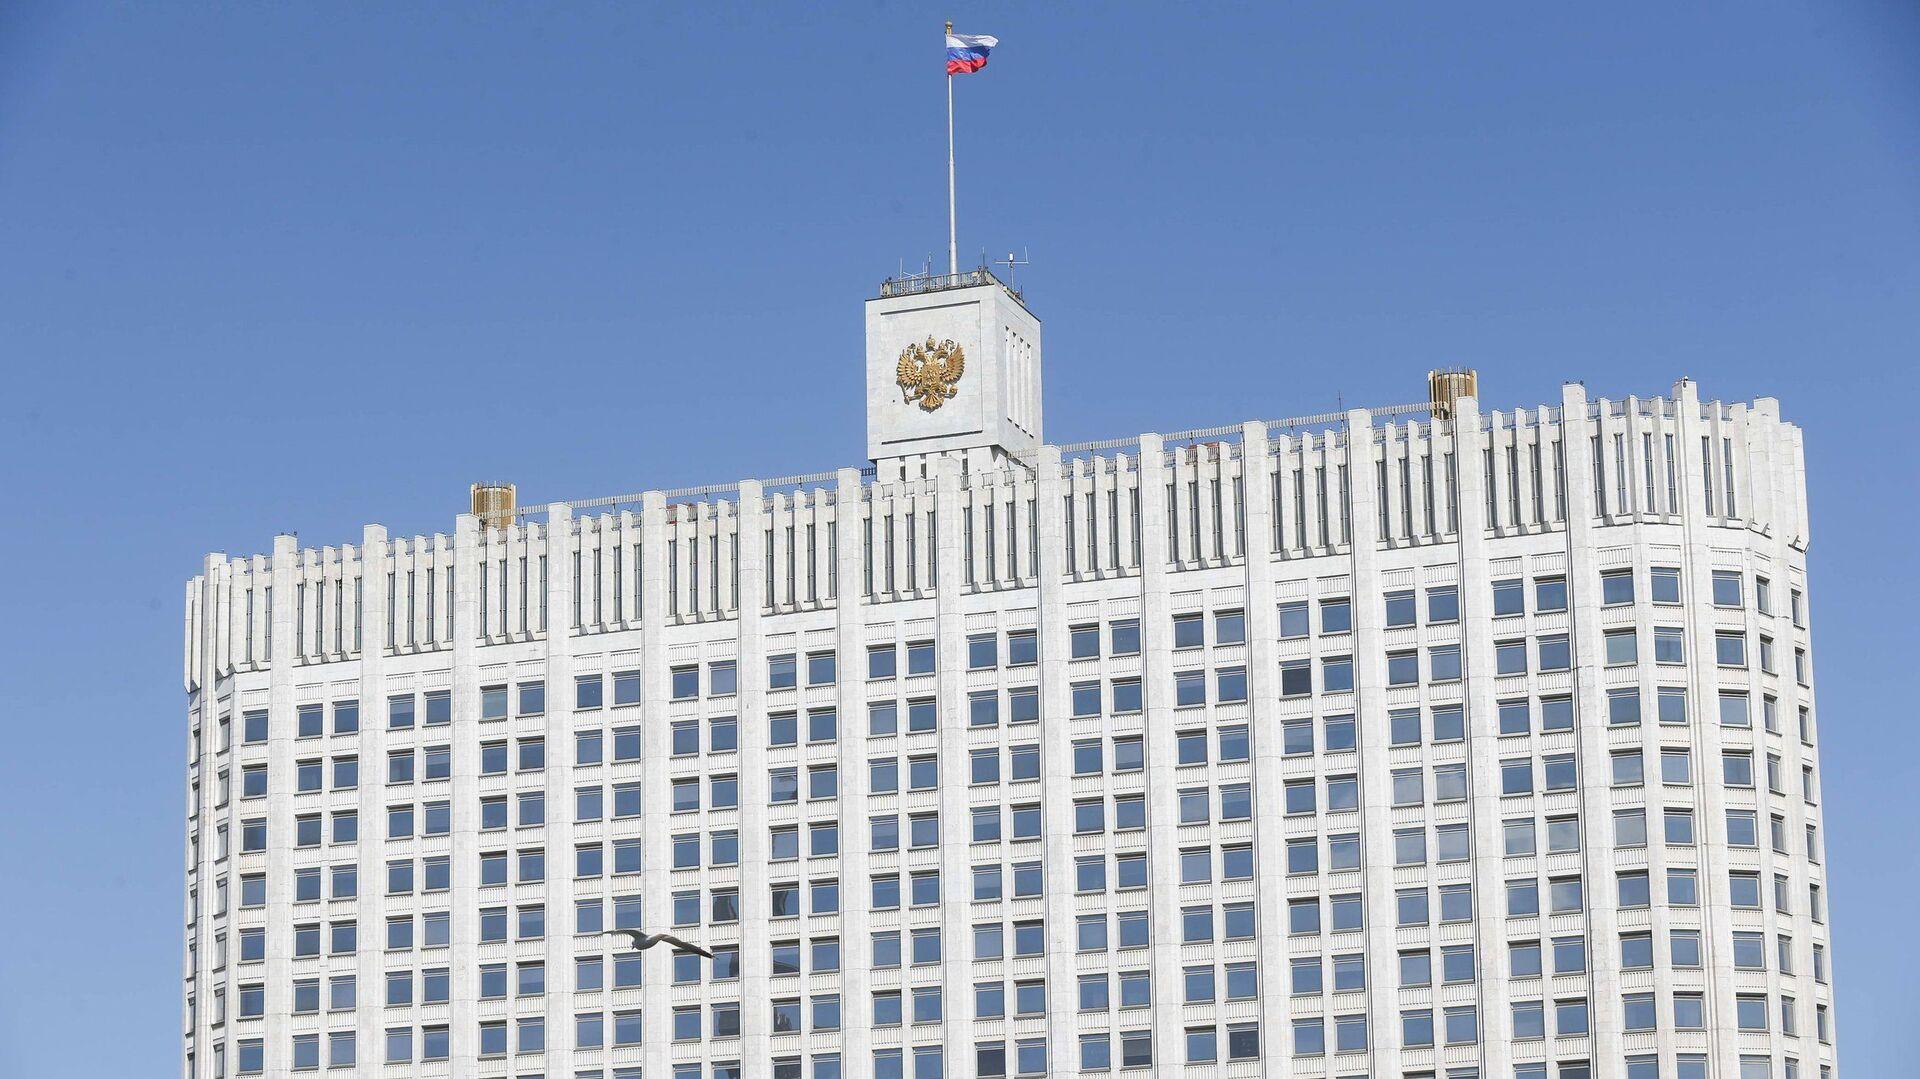 Дом Правительства Российской Федерации  - РИА Новости, 1920, 25.01.2021